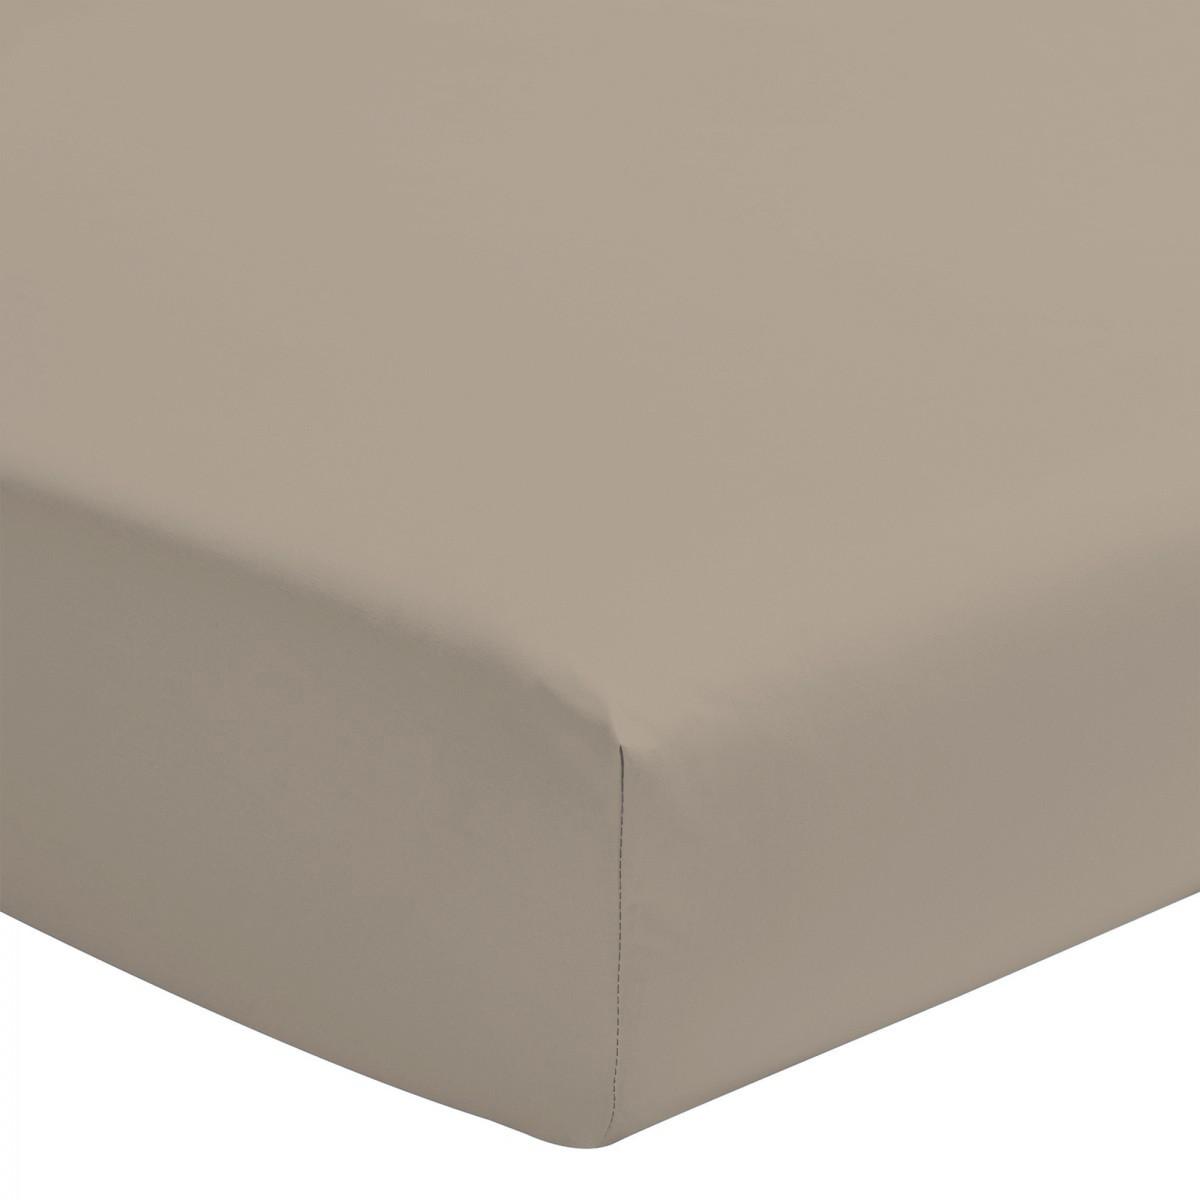 Drap Housse Percale de Coton Bonnet 30cm Beige 140x190cm